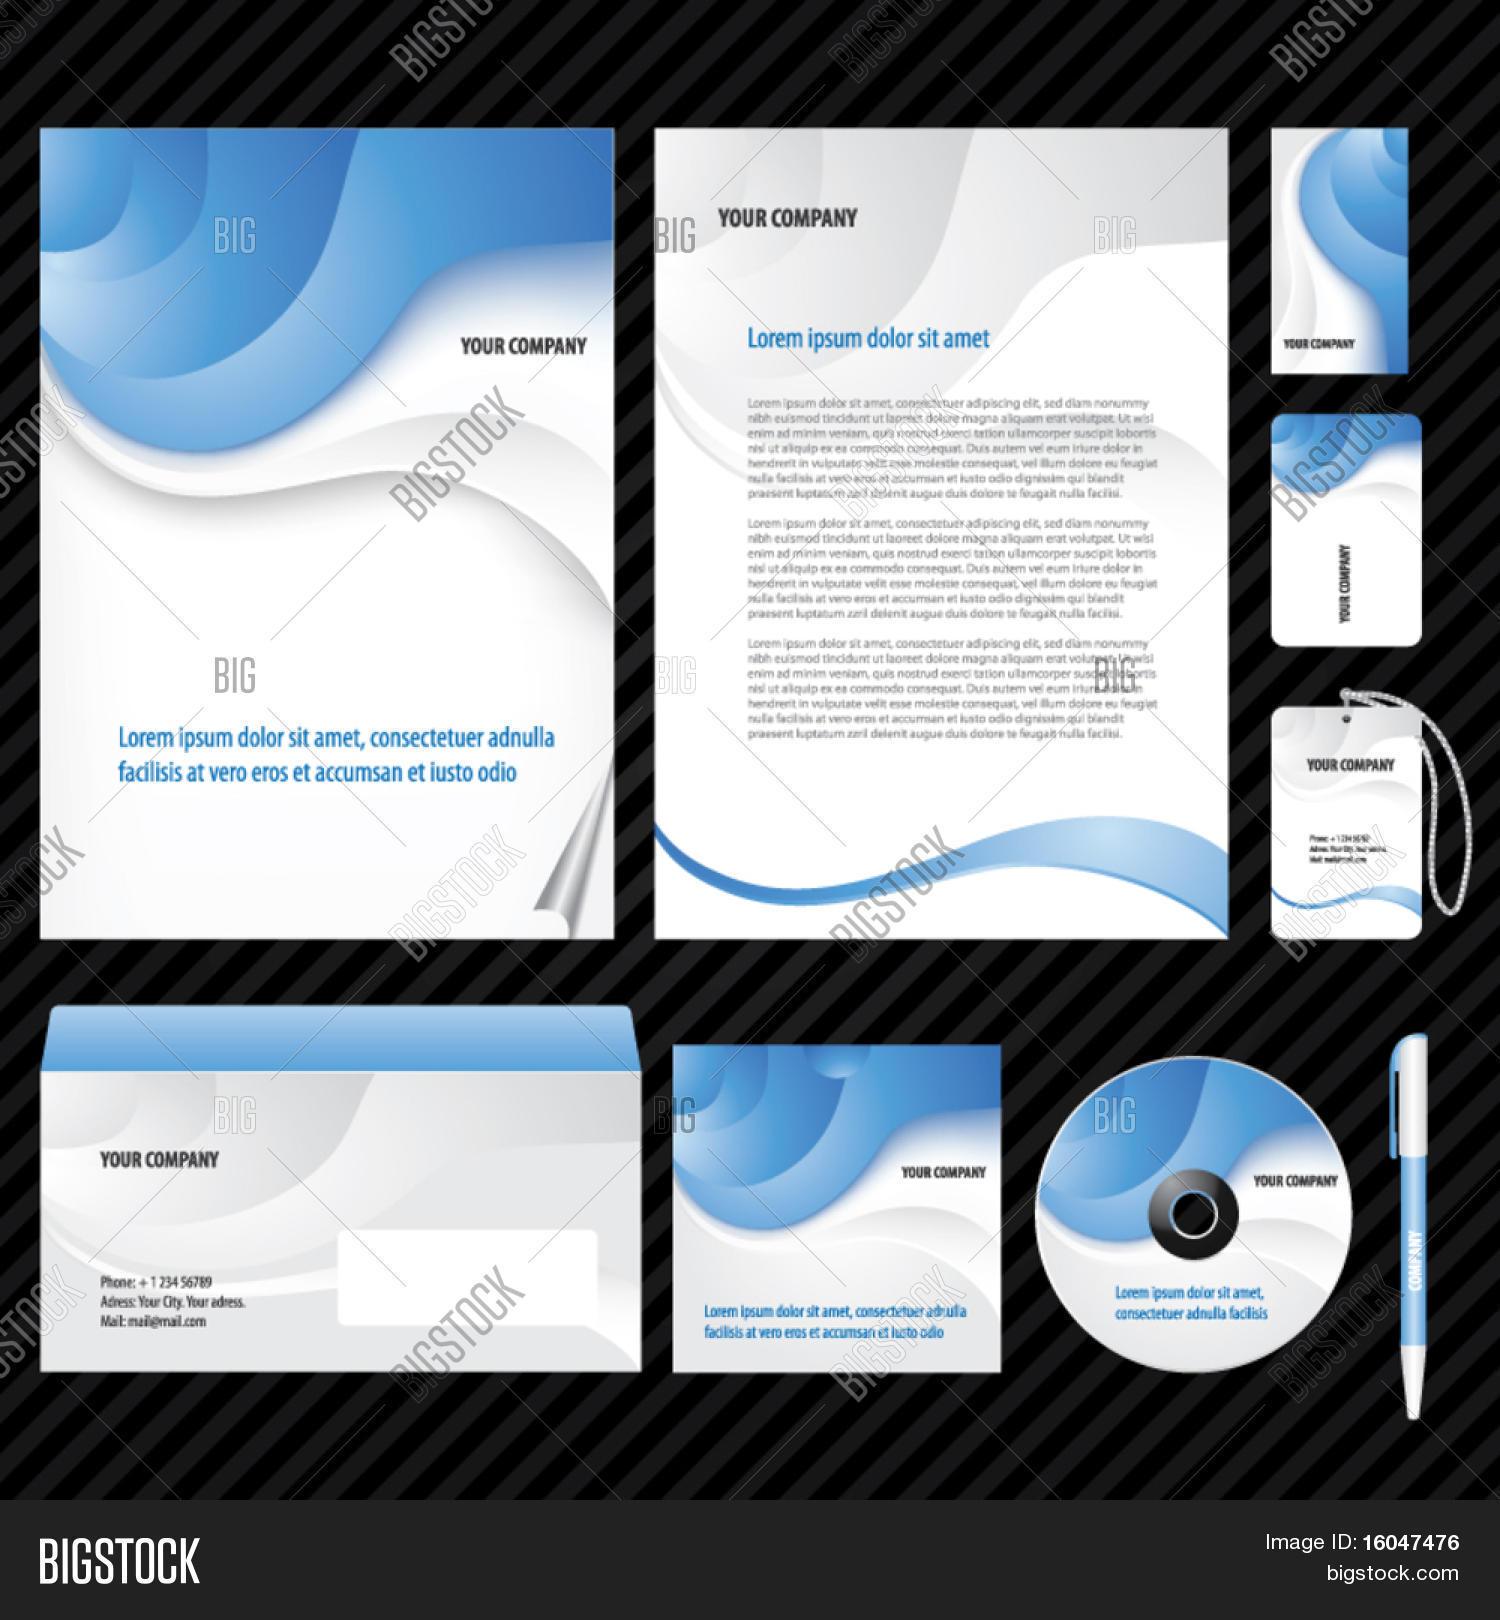 Vektorgrafik und Foto zu (Kostenlose Probeversion)   Bigstock